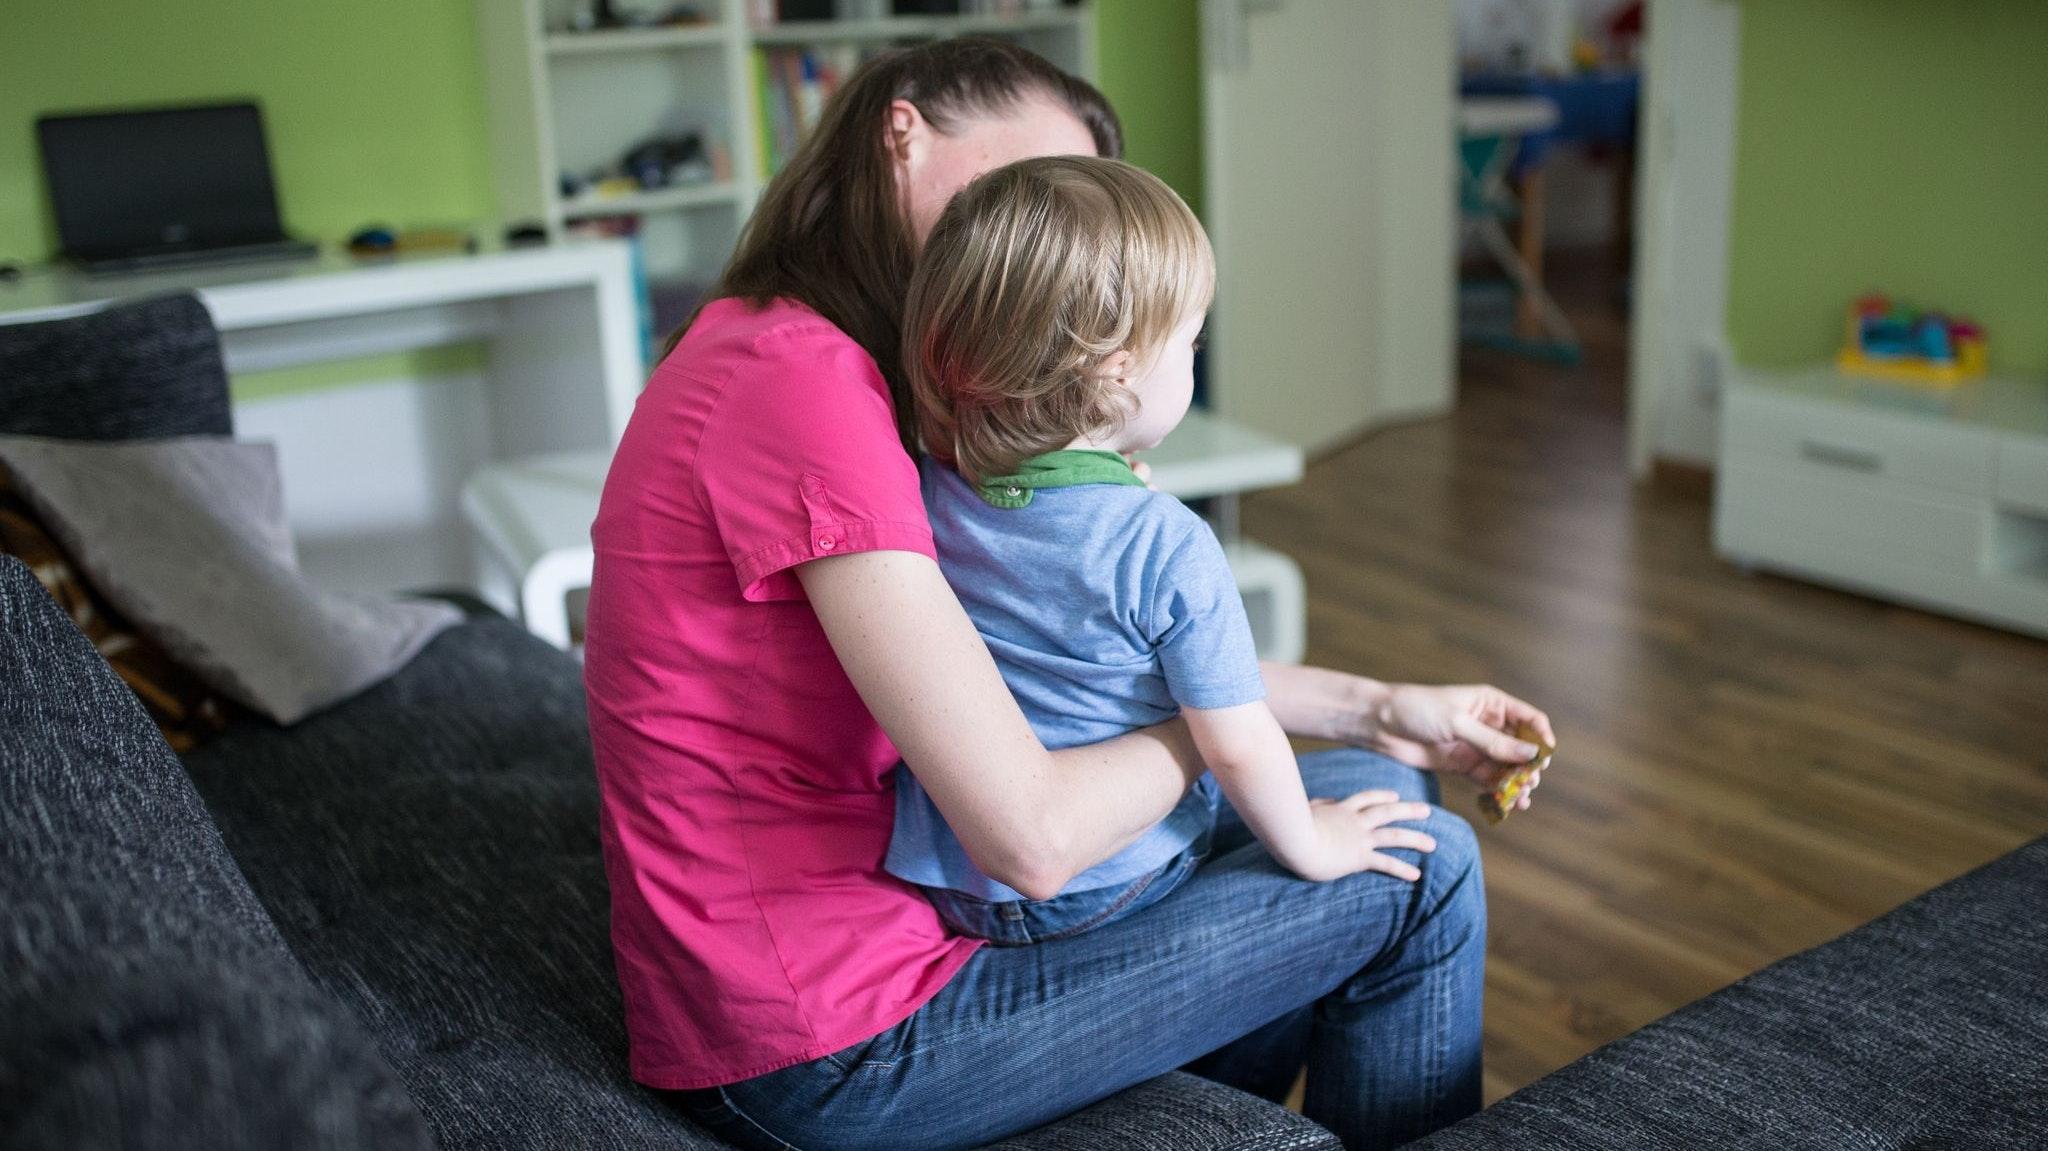 Viele Eltern haben wegen des Schul- und Kita-Lockdowns ein akutes Betreuungsproblem. Zur Entlastung wird die Zahl der Kinderkrankentage in diesem Jahr verdoppelt. Jetzt hat die Regierung reagiert. Foto: dpa/Kusch